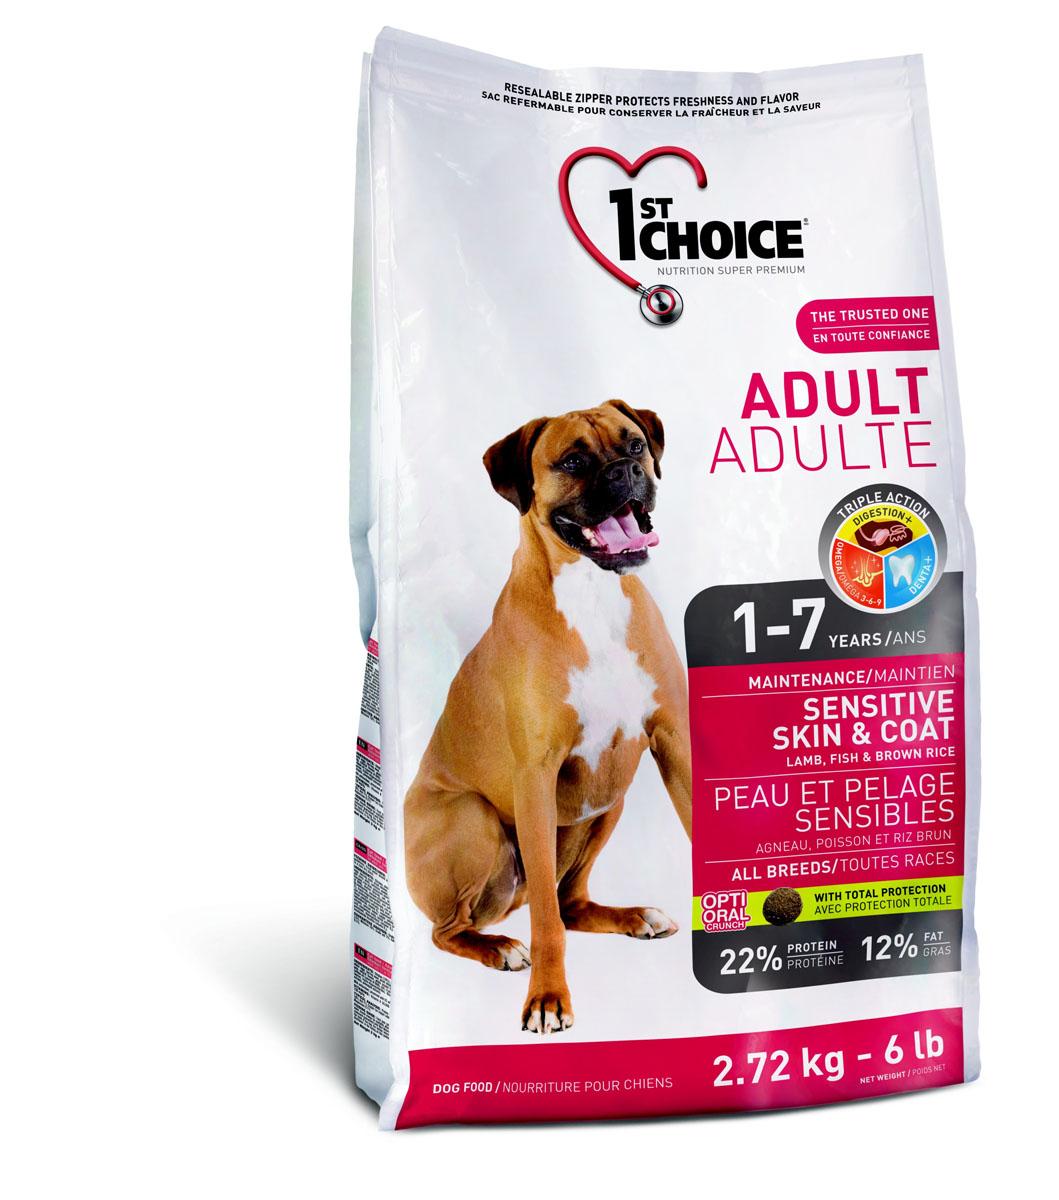 Корм сухой 1st Choice Sensitive Skin & Coat для взрослых собак с чувствительной кожей и шерстью, с ягненком, рыбой и рисом, 7 кг56685Сухой корм 1st Choice Sensitive Skin & Coat предназначен для взрослых собак с чувствительной кожей и шерстью. Ягненок и рыба (потенциально гипоаллергенные источники протеина) - главные ингредиенты этой сбалансированной и очень вкусной формулы. Добавление натуральных пребиотиков, таких как экстракт цикория - источник инулина (фруктоолигосахарид) и дрожжевой экстракт (маннан-олигосахариды) способствует росту и развитию полезной кишечной микрофлоры, которая укрепляет иммунную систему организма. Экстракт имбиря снижает тошноту и газообразование. Превосходное сочетание экстракта зеленого чая, быстрорастворимого витамина С, клетчатки, мяты и петрушки освежает дыхание и обеспечивает гигиену зубов и полости рта. Сочетание Омега -3-6-9 жирных кислот и L-цистина делают шерсть блестящей, а кожу здоровой. Ингредиенты: мука из мяса ягненка, мука из мяса сельди, коричневый рис, картофельная мука, перловая крупа, дробленый рис, овсяная крупа, растительное масло (источник Омего-6...